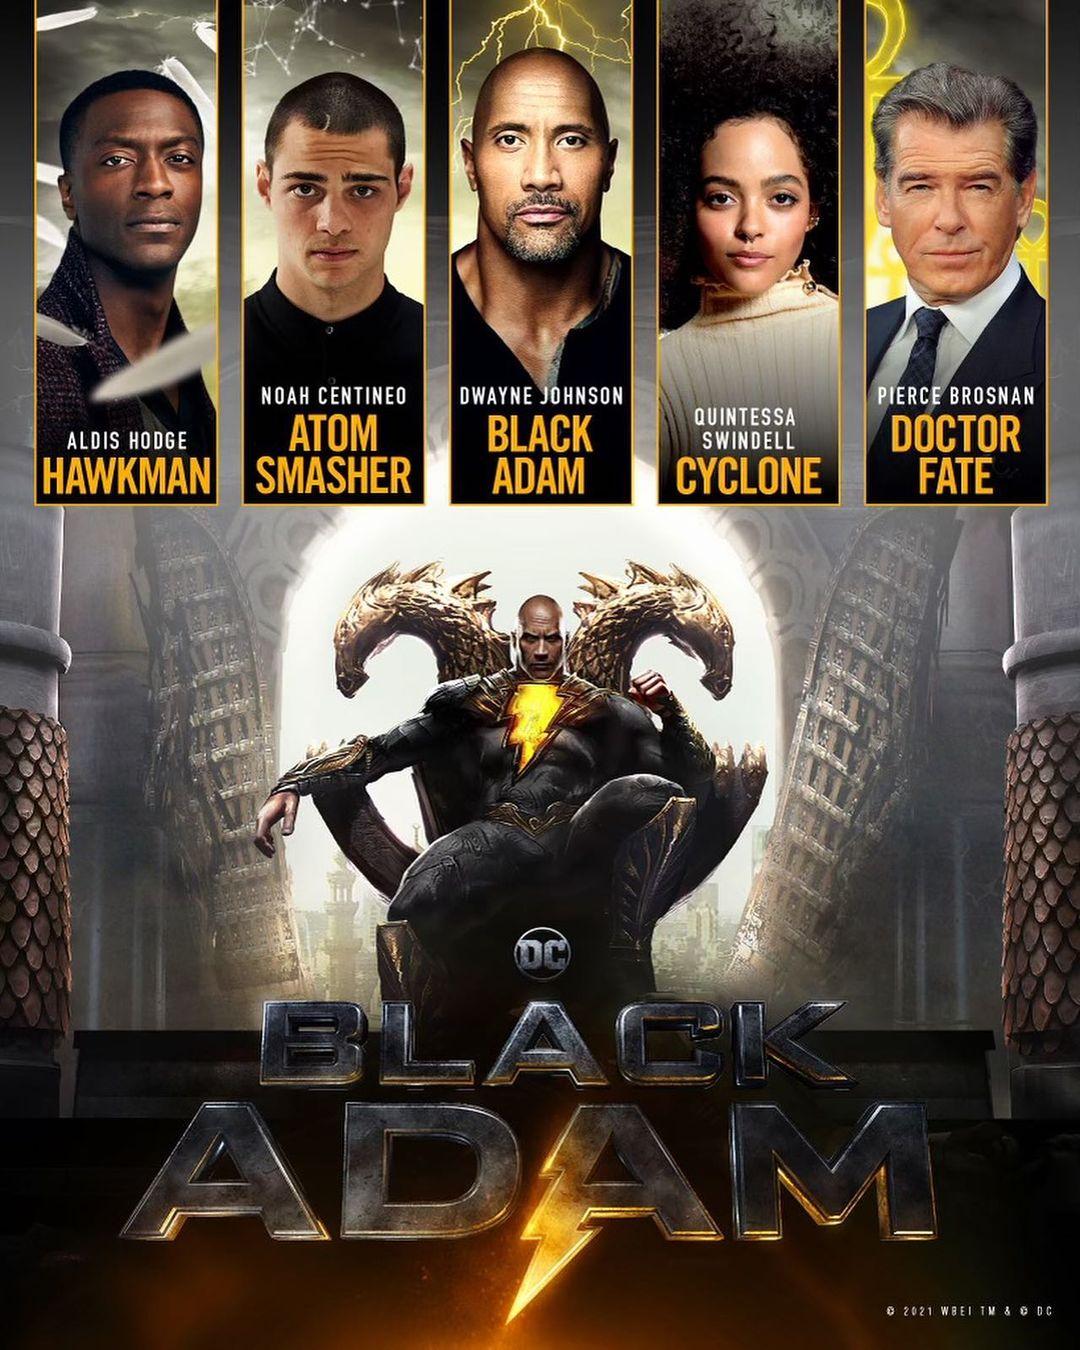 El elenco confirmado de Black Adam (TBD). Imagen: Dwayne Johnson Instagram (@therock).